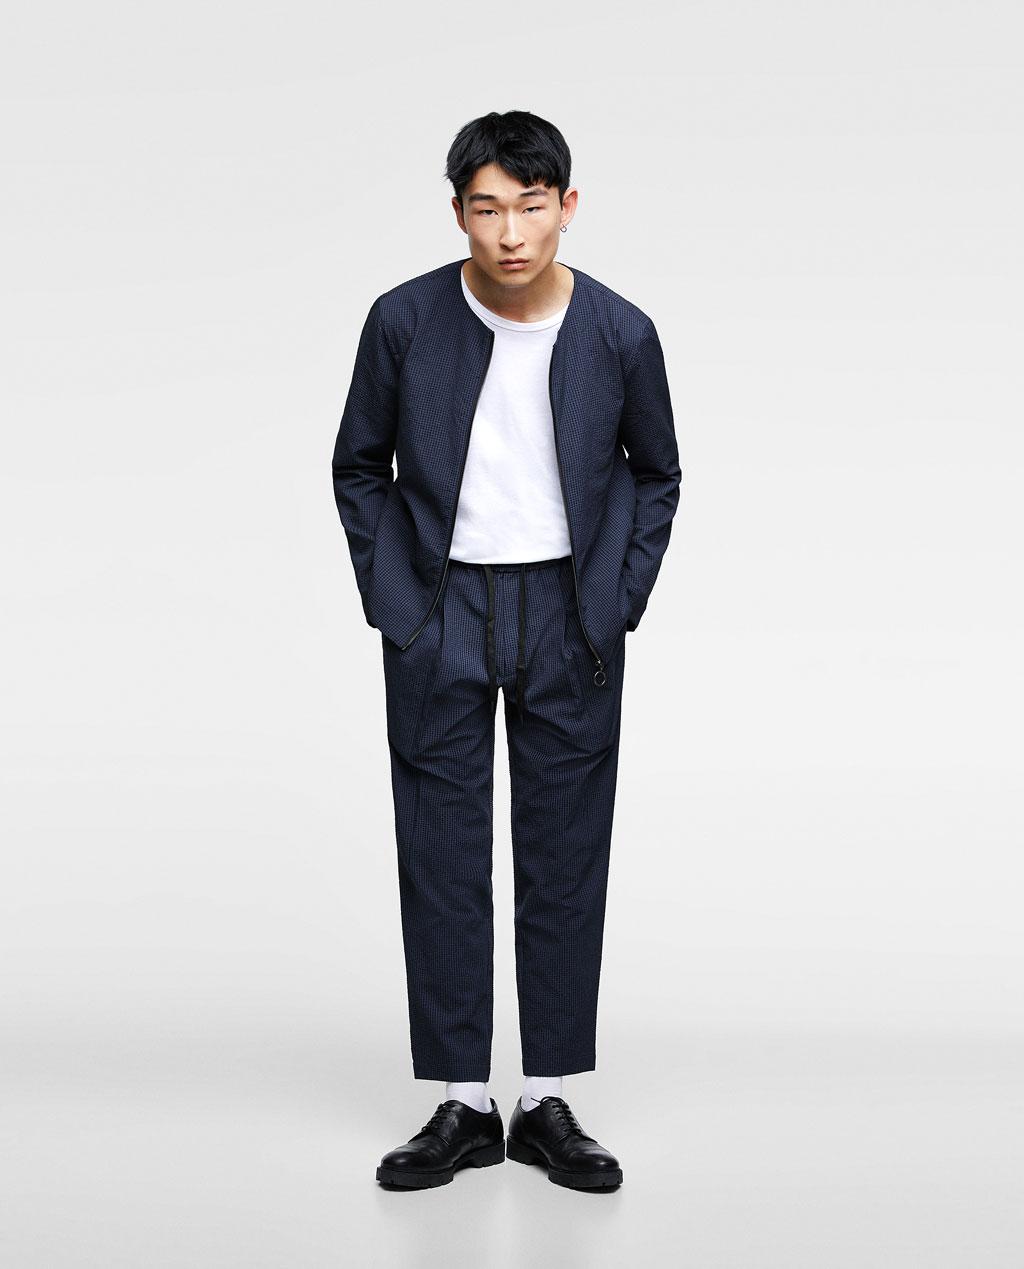 Thời trang nam Zara  24083 - ảnh 3